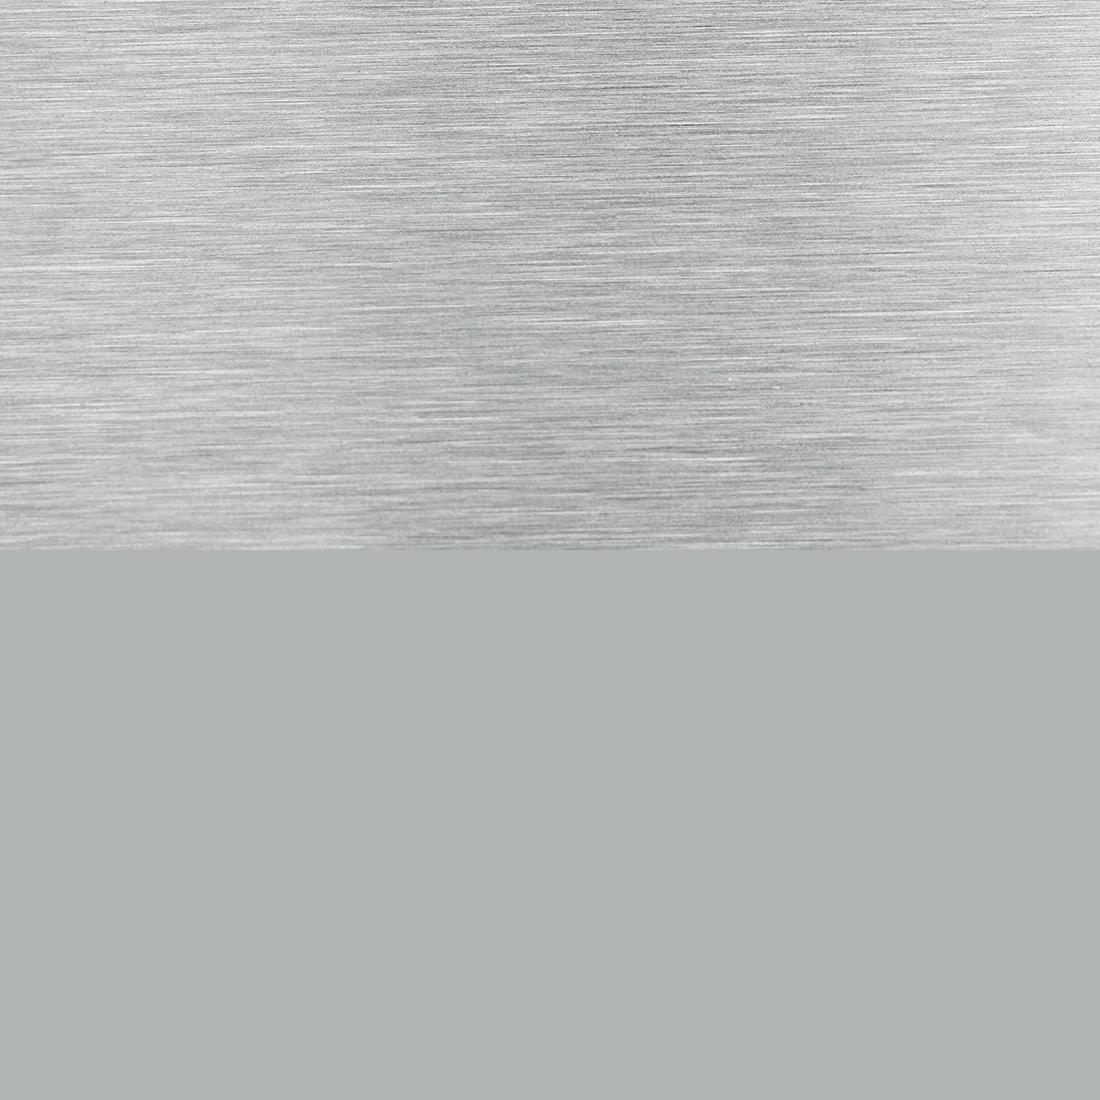 Splash Grey/Brushed Aluminium 4 x 2100 x 1550mm